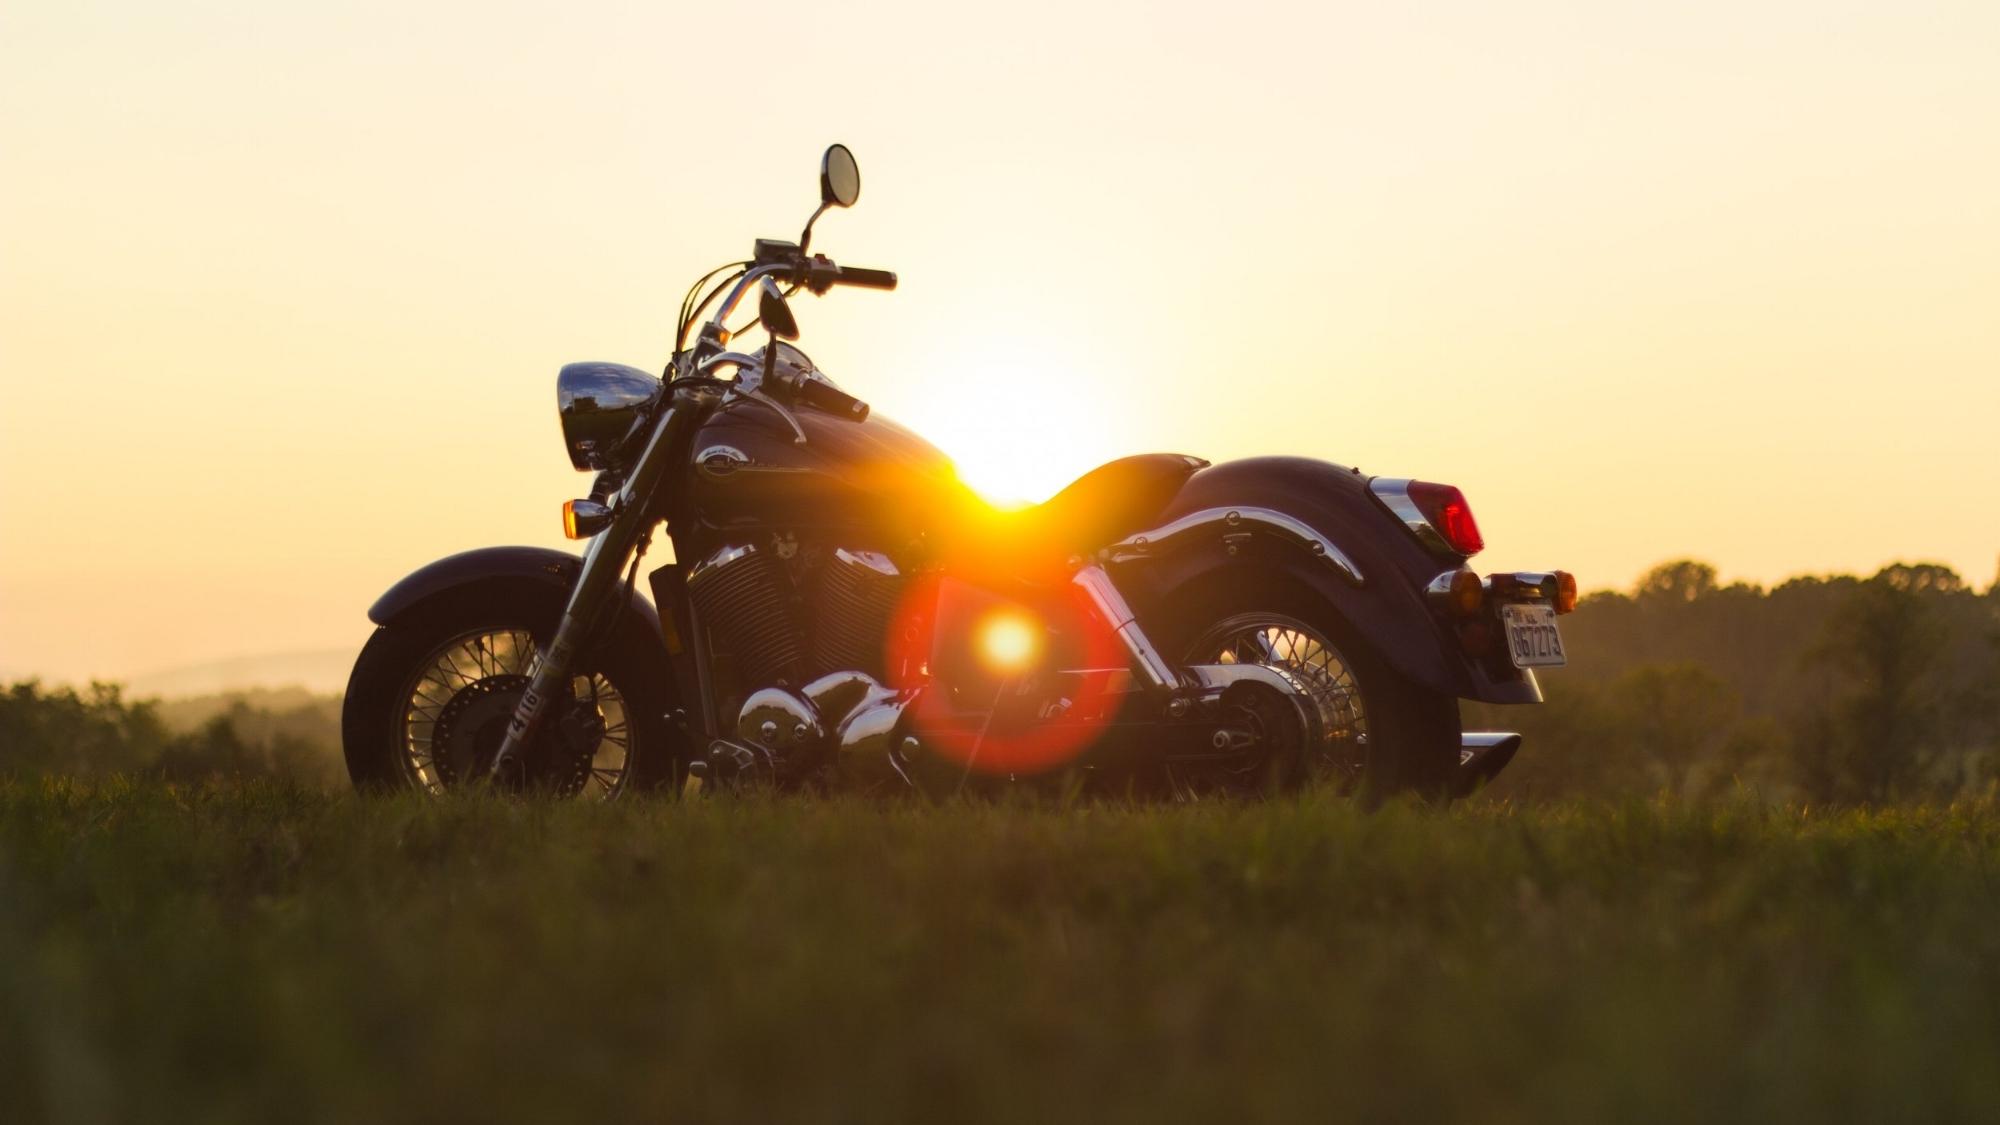 motorbike-motorcycle-roadtrip-9090.jpg